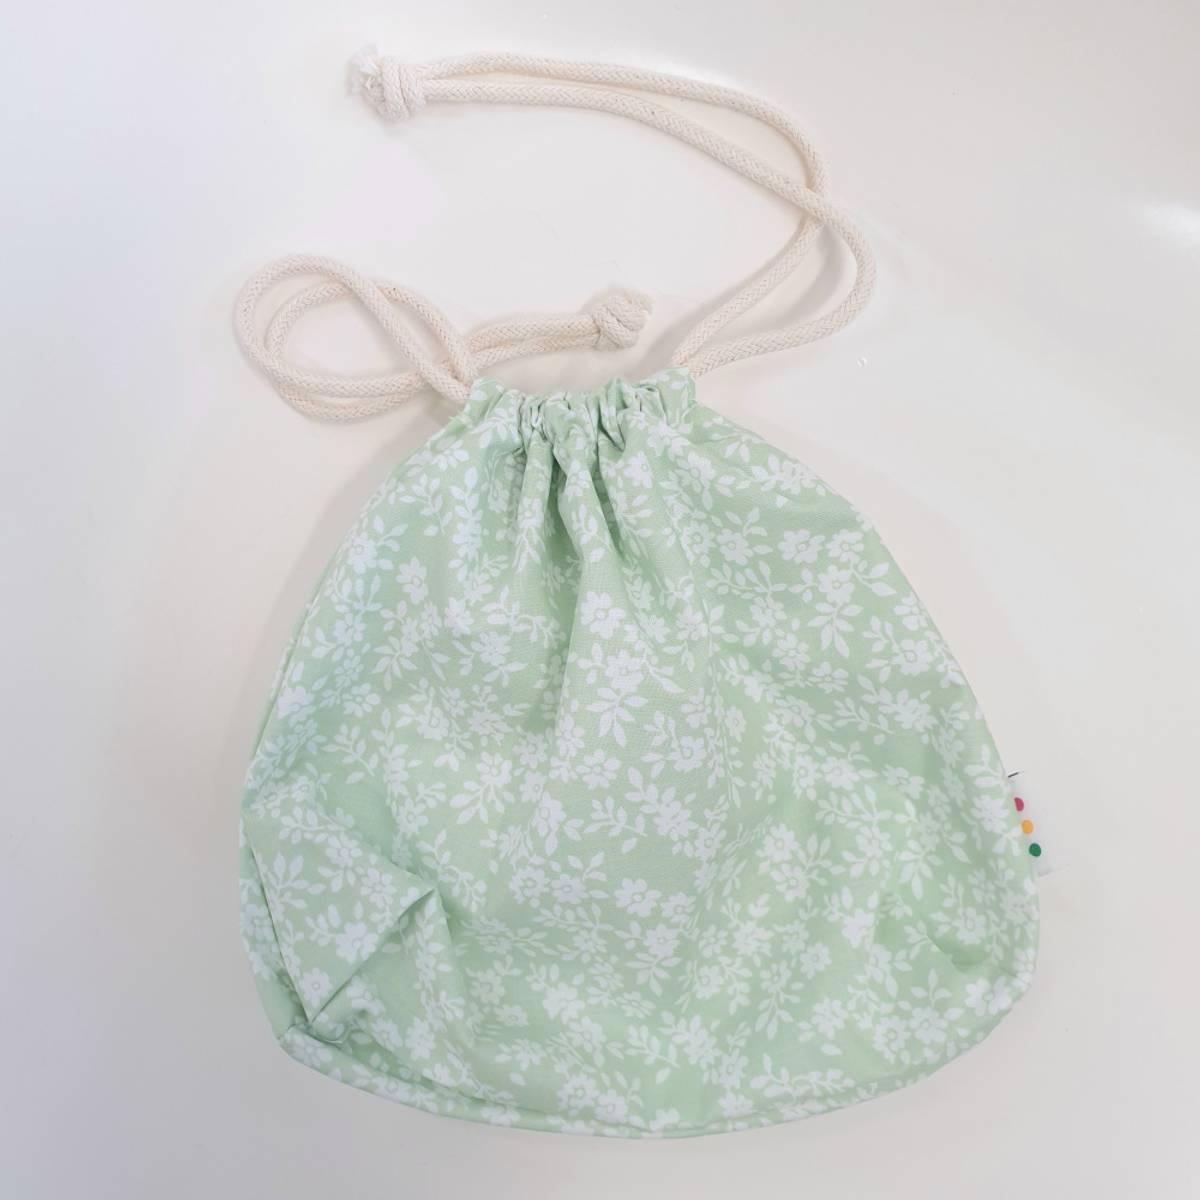 Våtpose med snøring, Innocent Green / Hannahpad